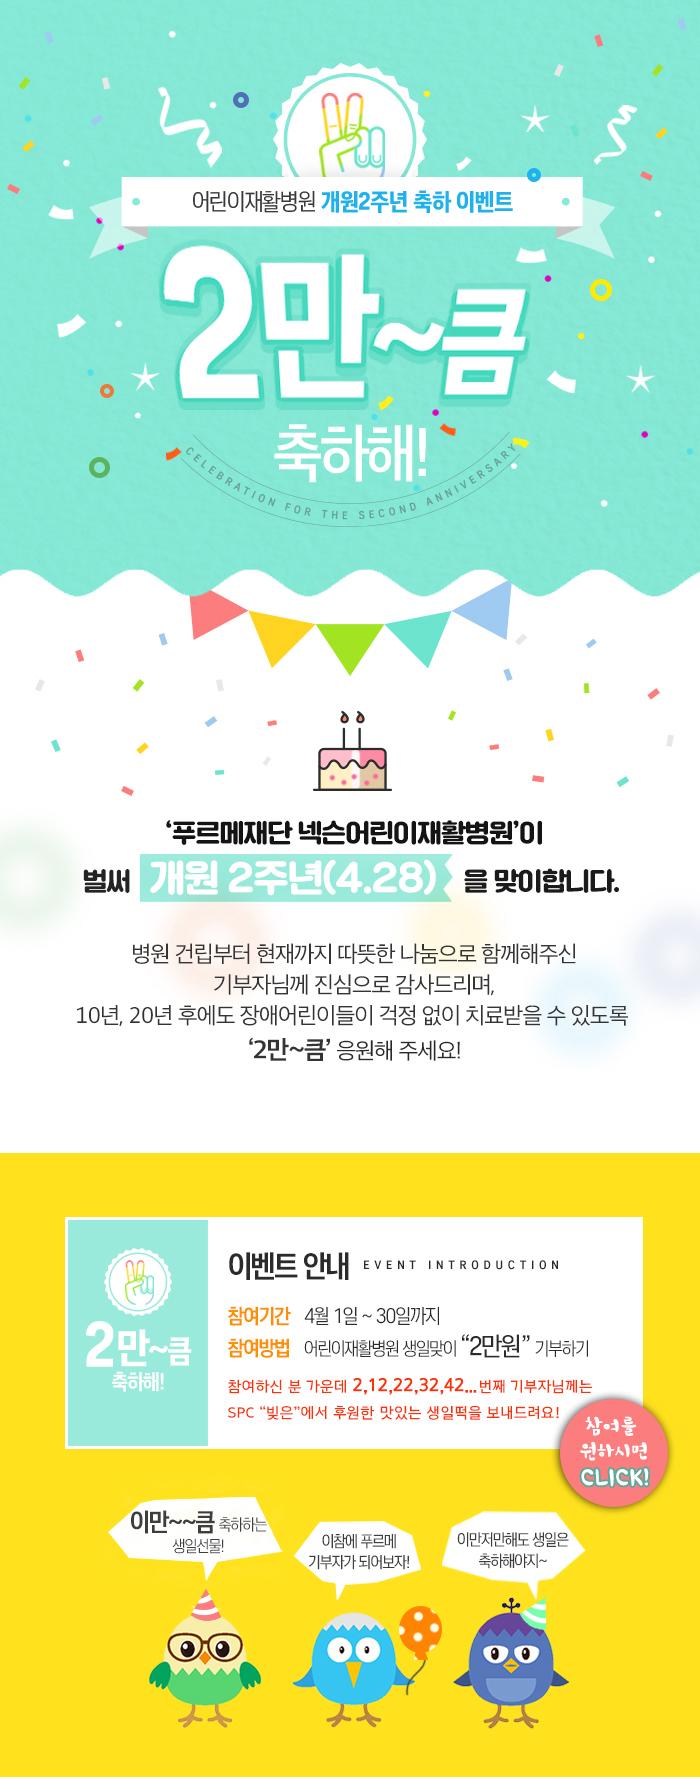 어린이재활병원 개원2주년 축하 이벤트 웹포스터